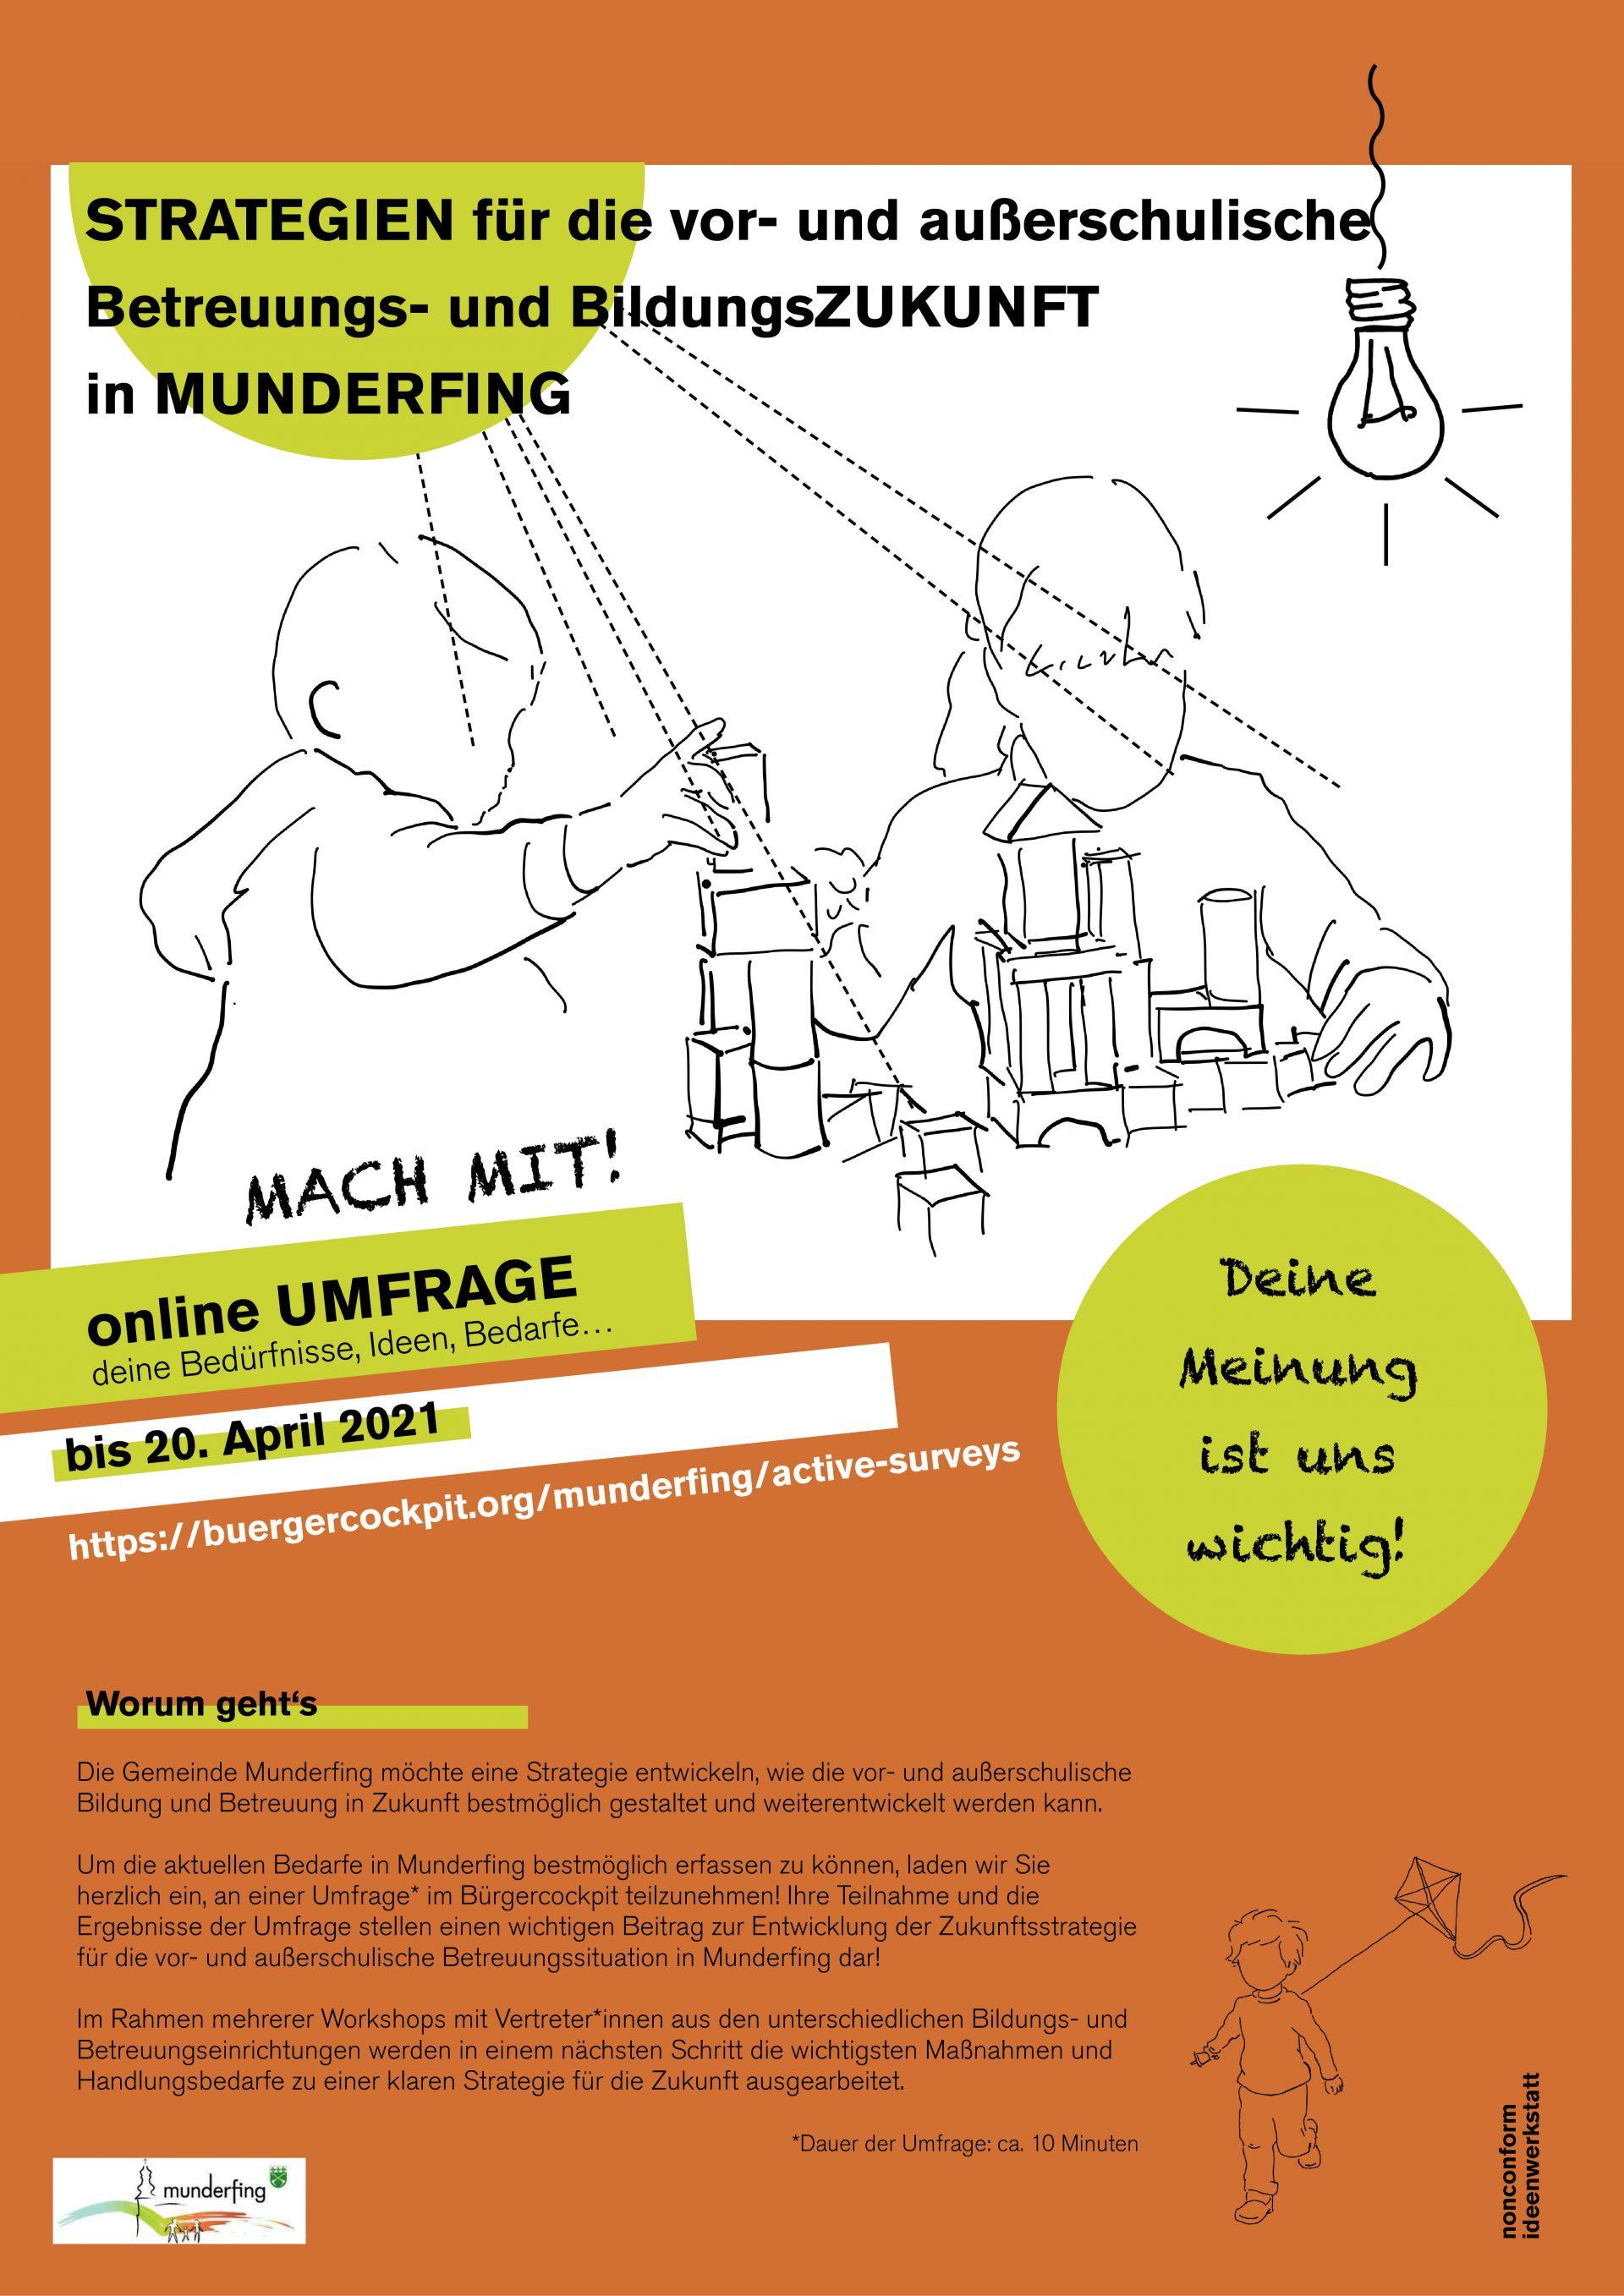 """Dieses Bild zeigt das Plakat """"Strategien für die vor- und außerschulische Betreuungs- und BildungsZUKUNFT in MUNDERFING""""."""